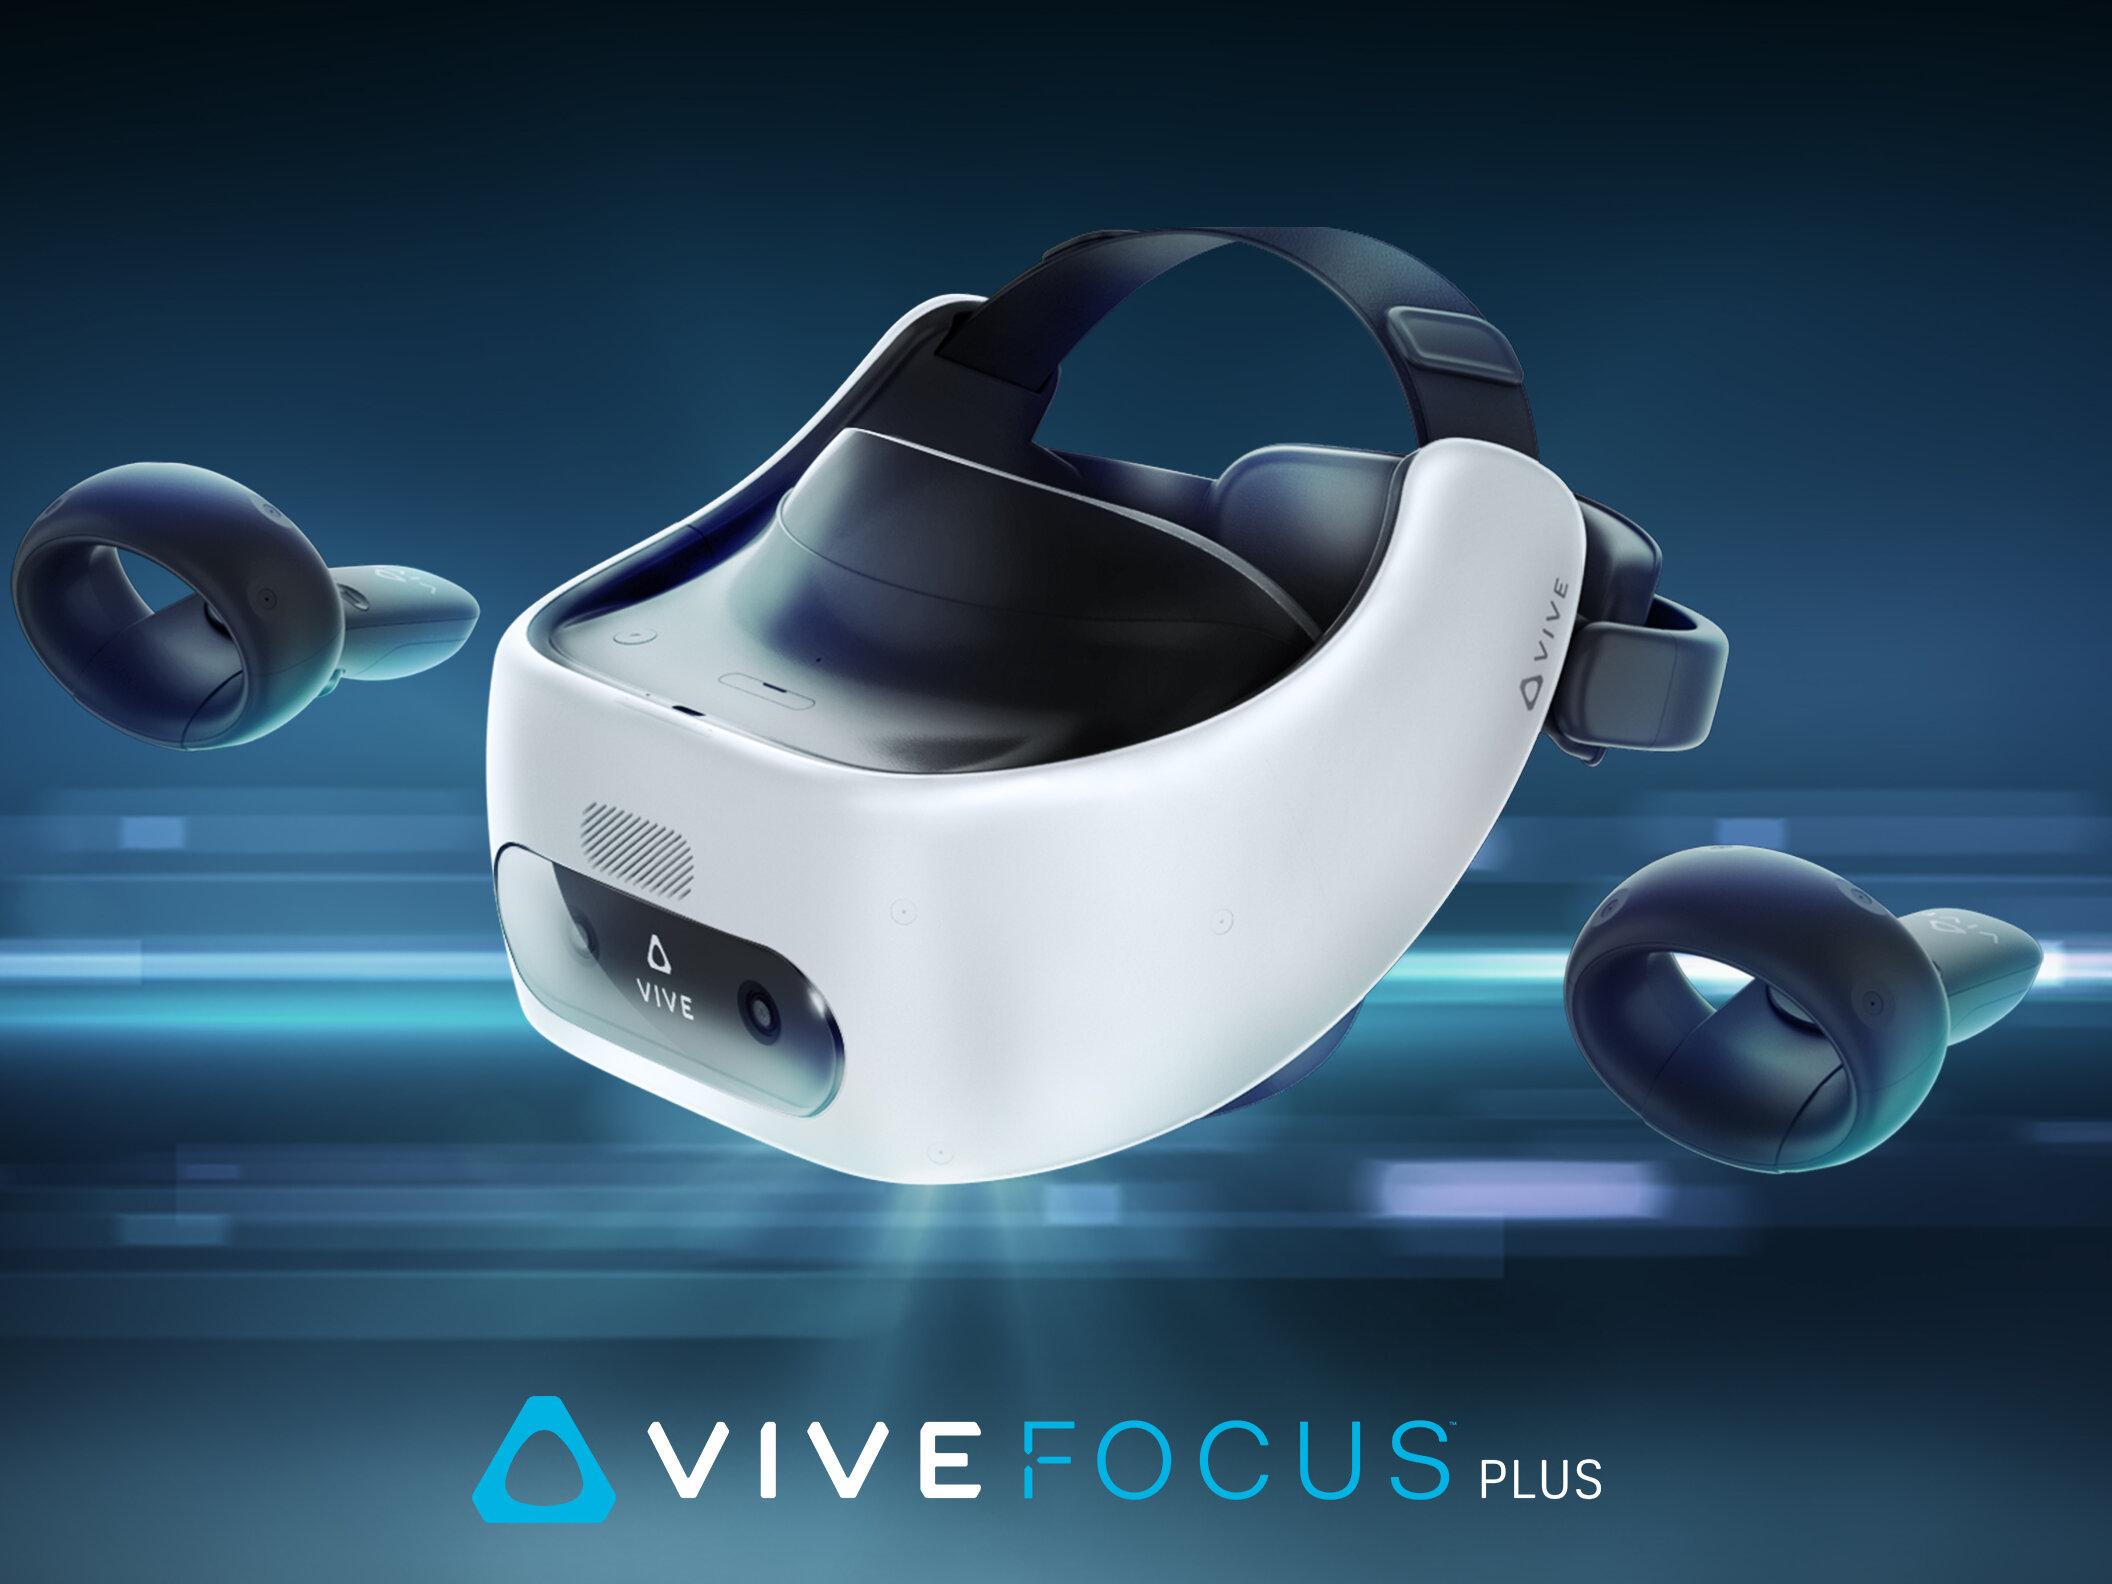 Vive Focus Plus : le casque de VR autonome de HTC vendu 829 euros, dès le 15 avril